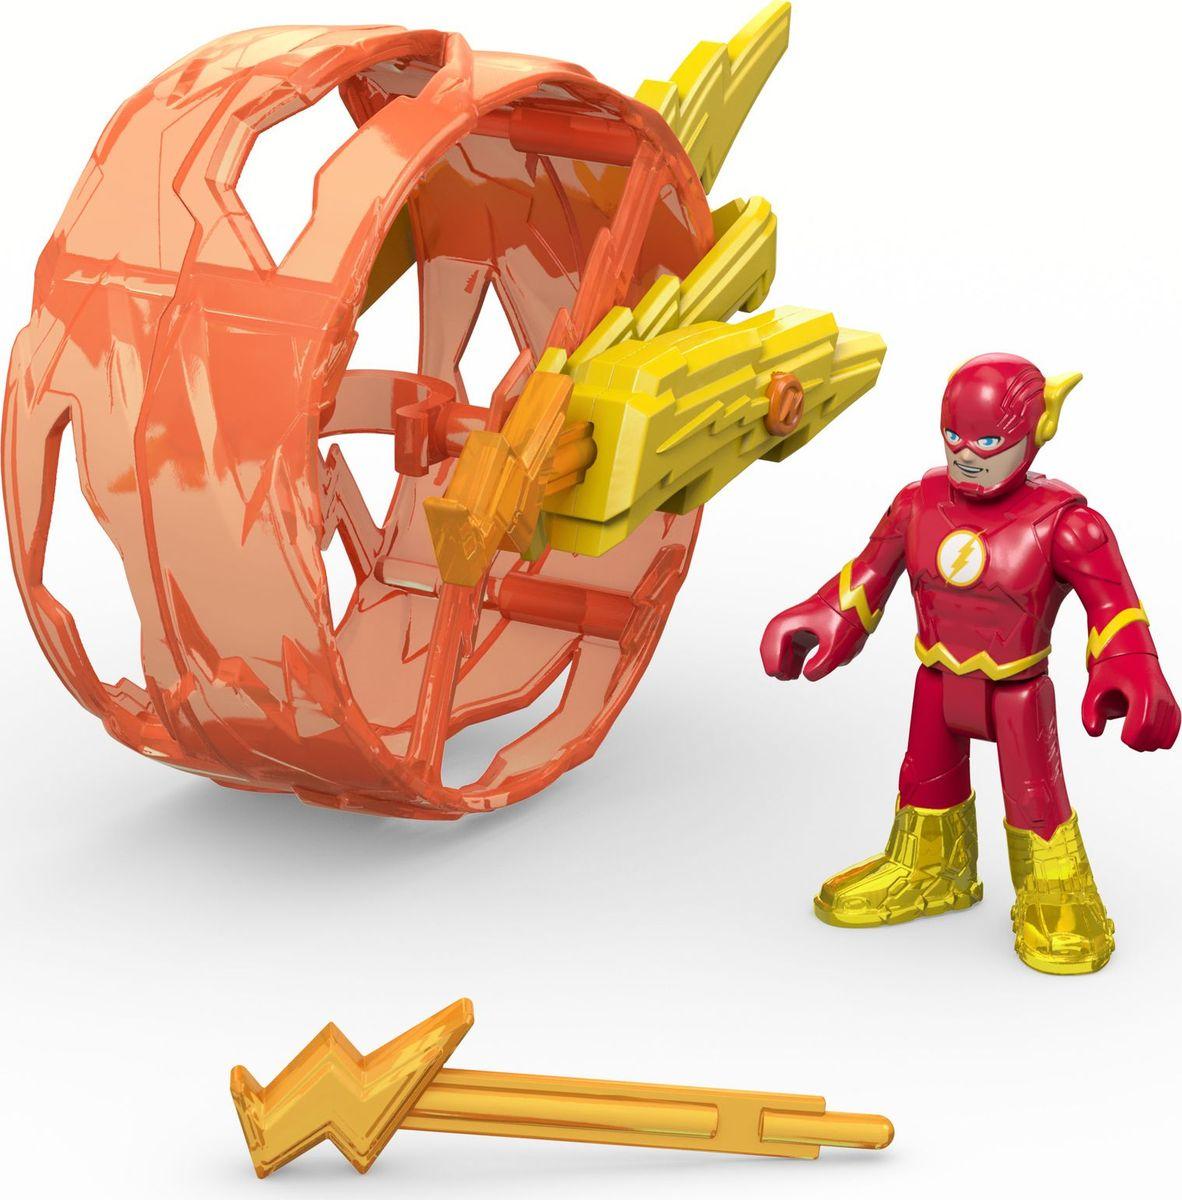 Imaginext Игровой набор DC Super Friends Flash & Cycle